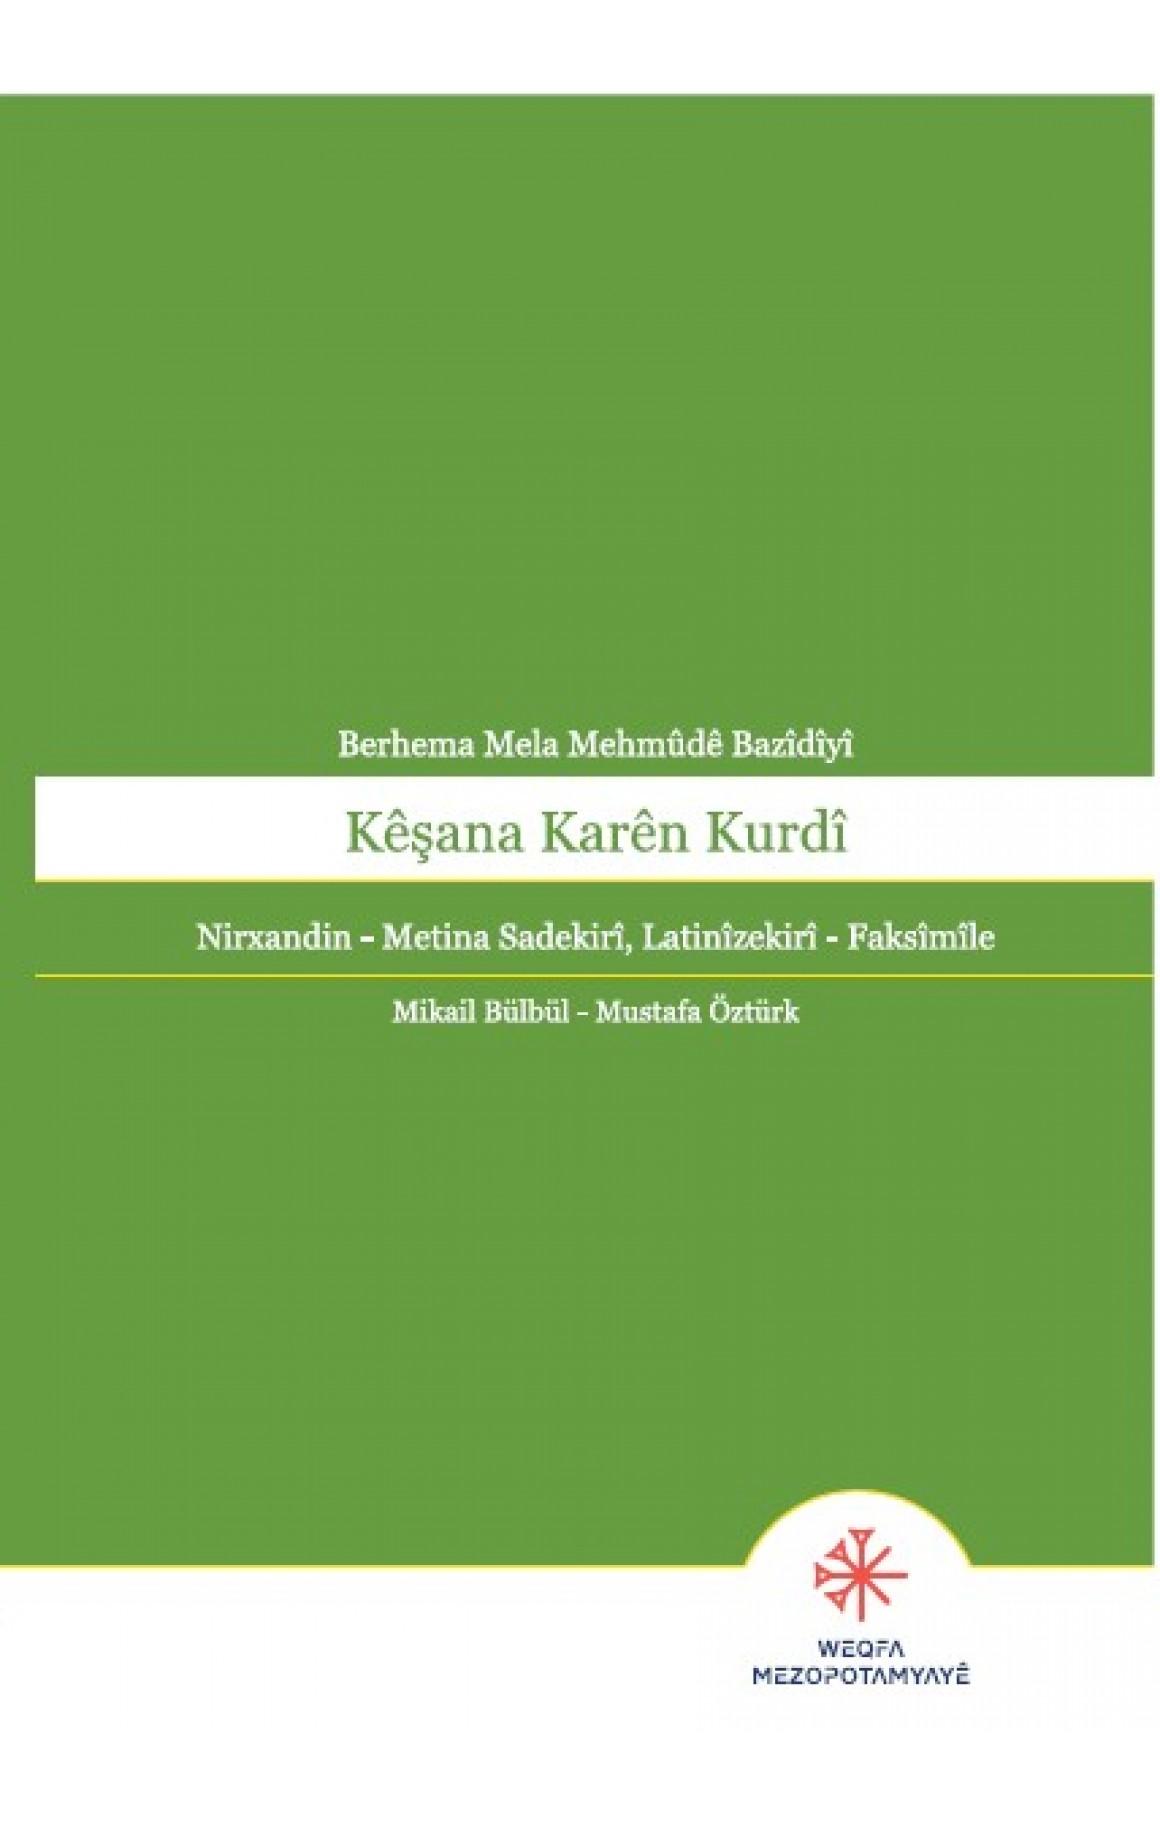 Kêşana Karên Kurdî Berhema Mela Mehmûdê Bazîdîyî